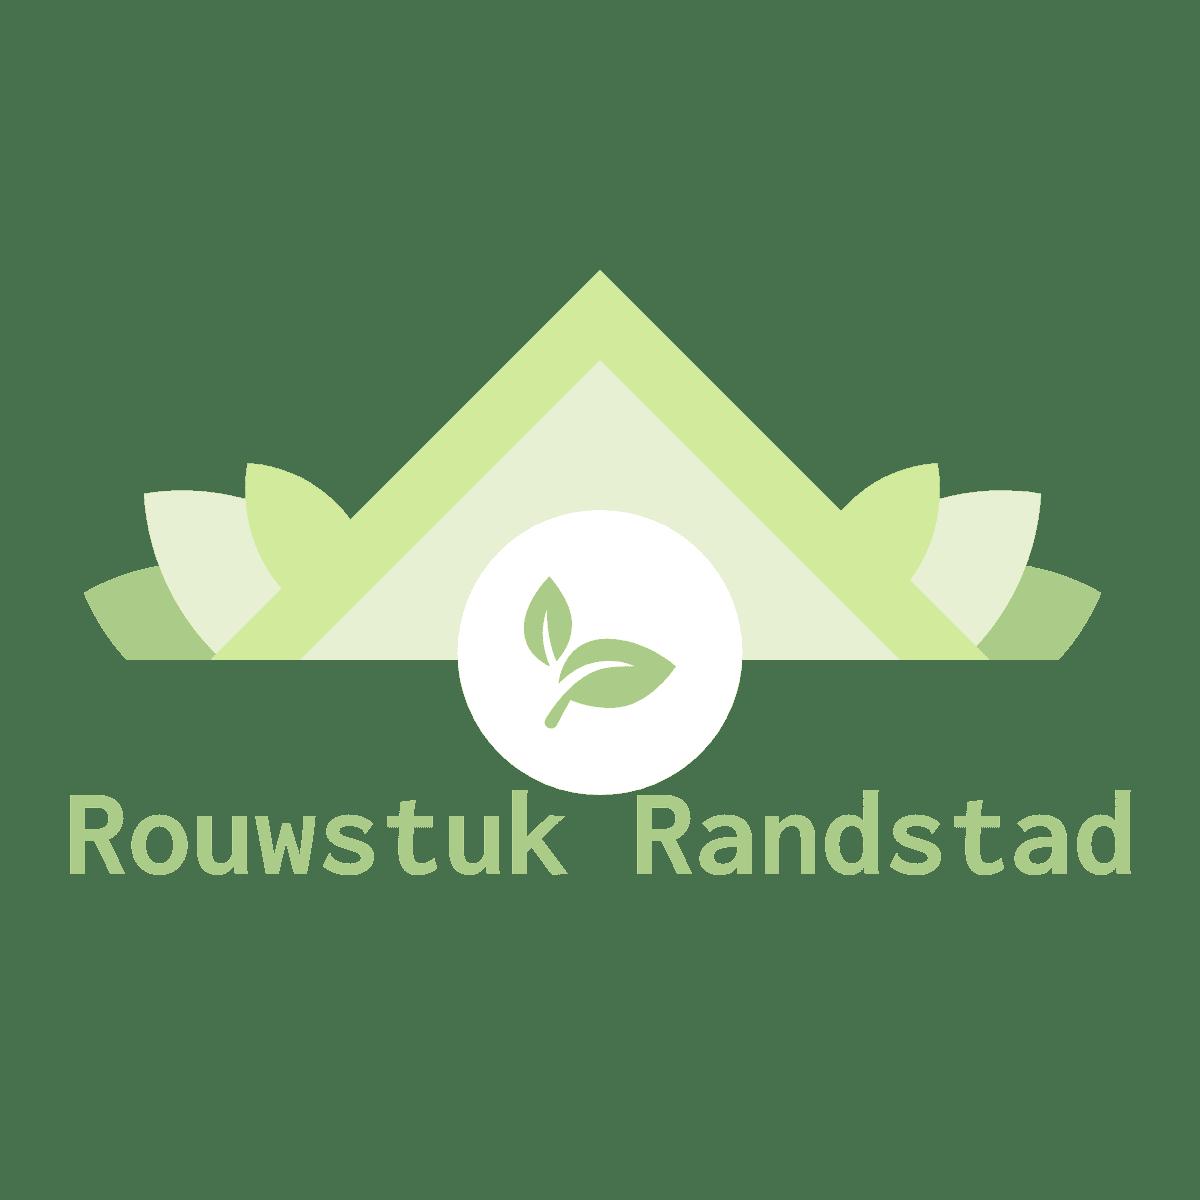 Rouwstuk